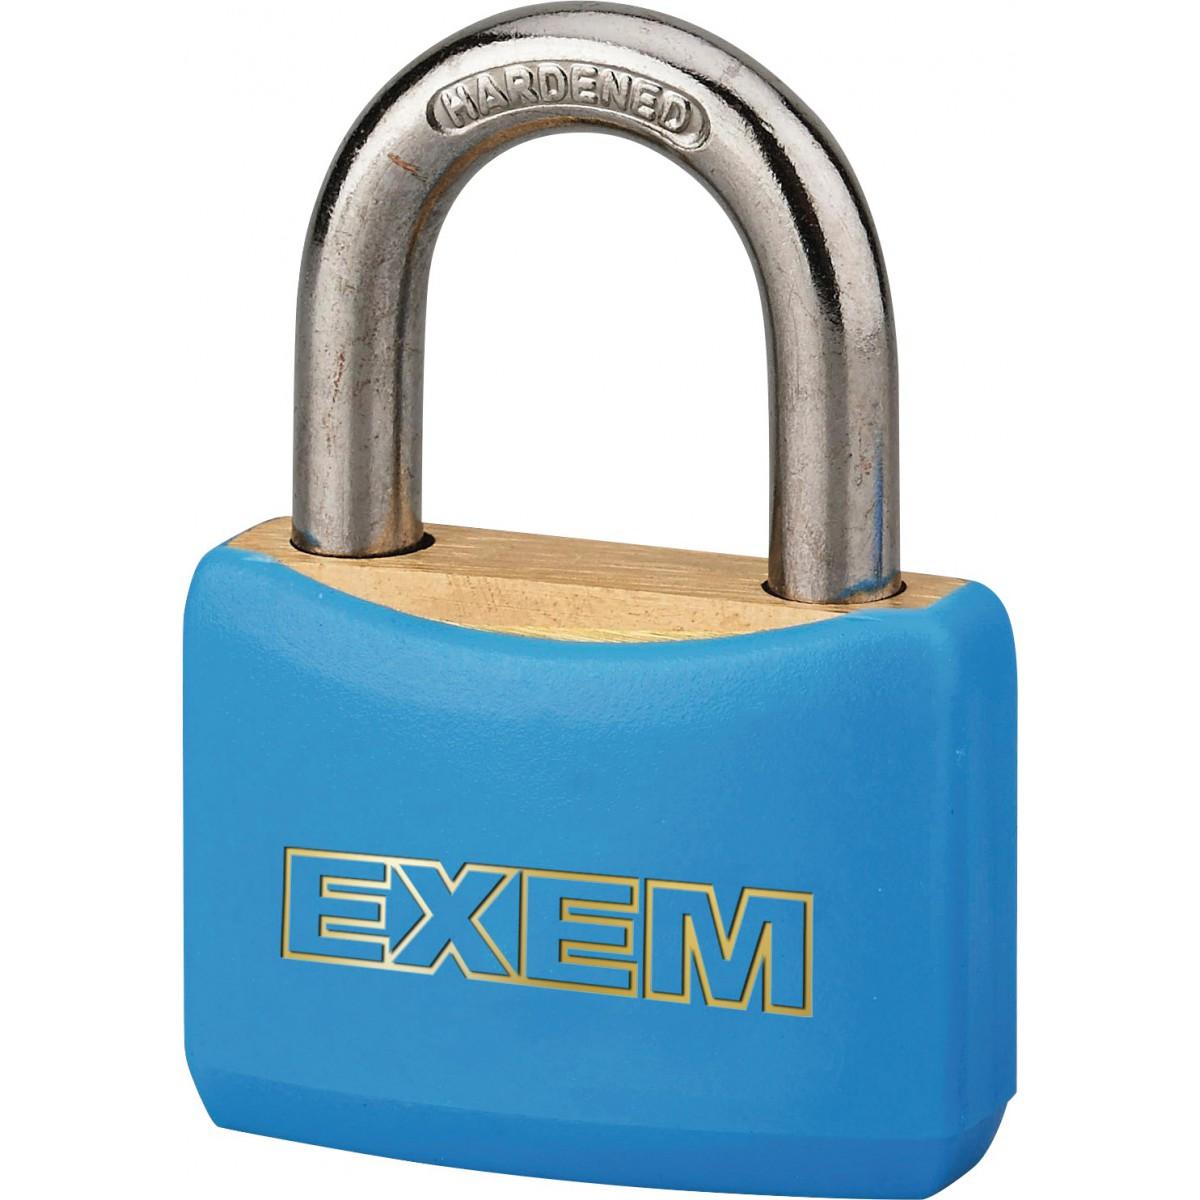 Cadenas laiton gainé à clés - Exem - Largeur 30 mm - Bleu